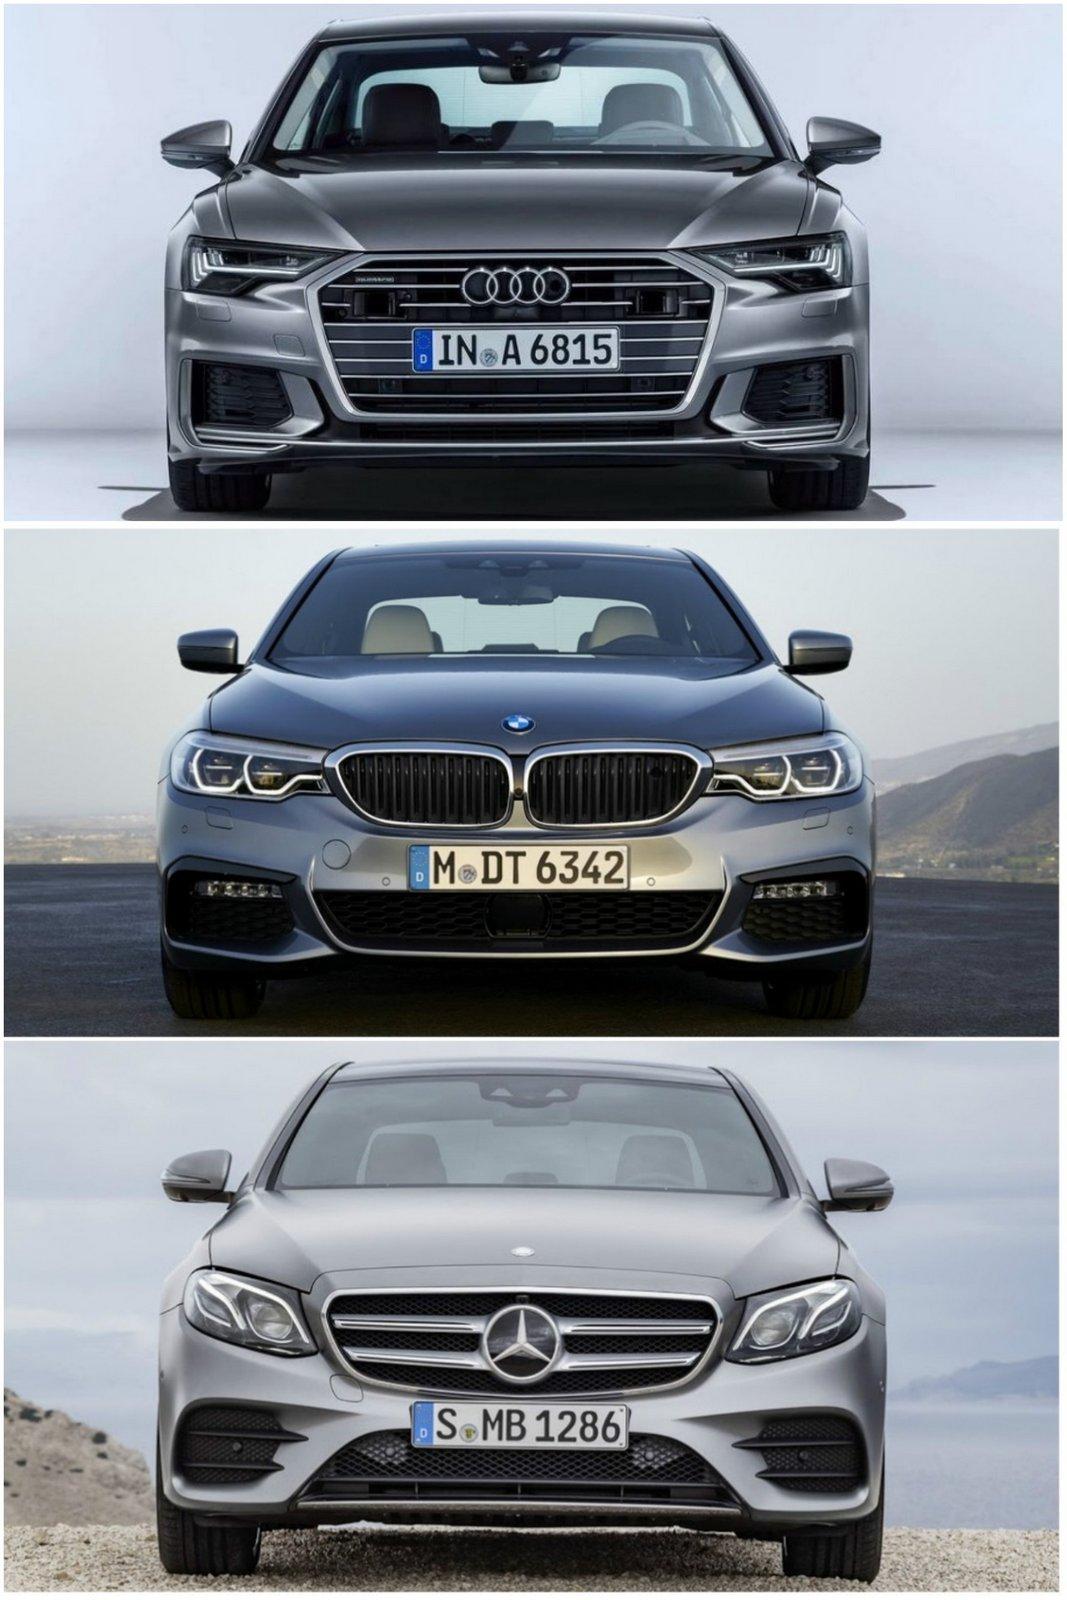 Yeni Audi A6- BMW 5 Serisi- Mercedes E Serisi Ön Görünüm